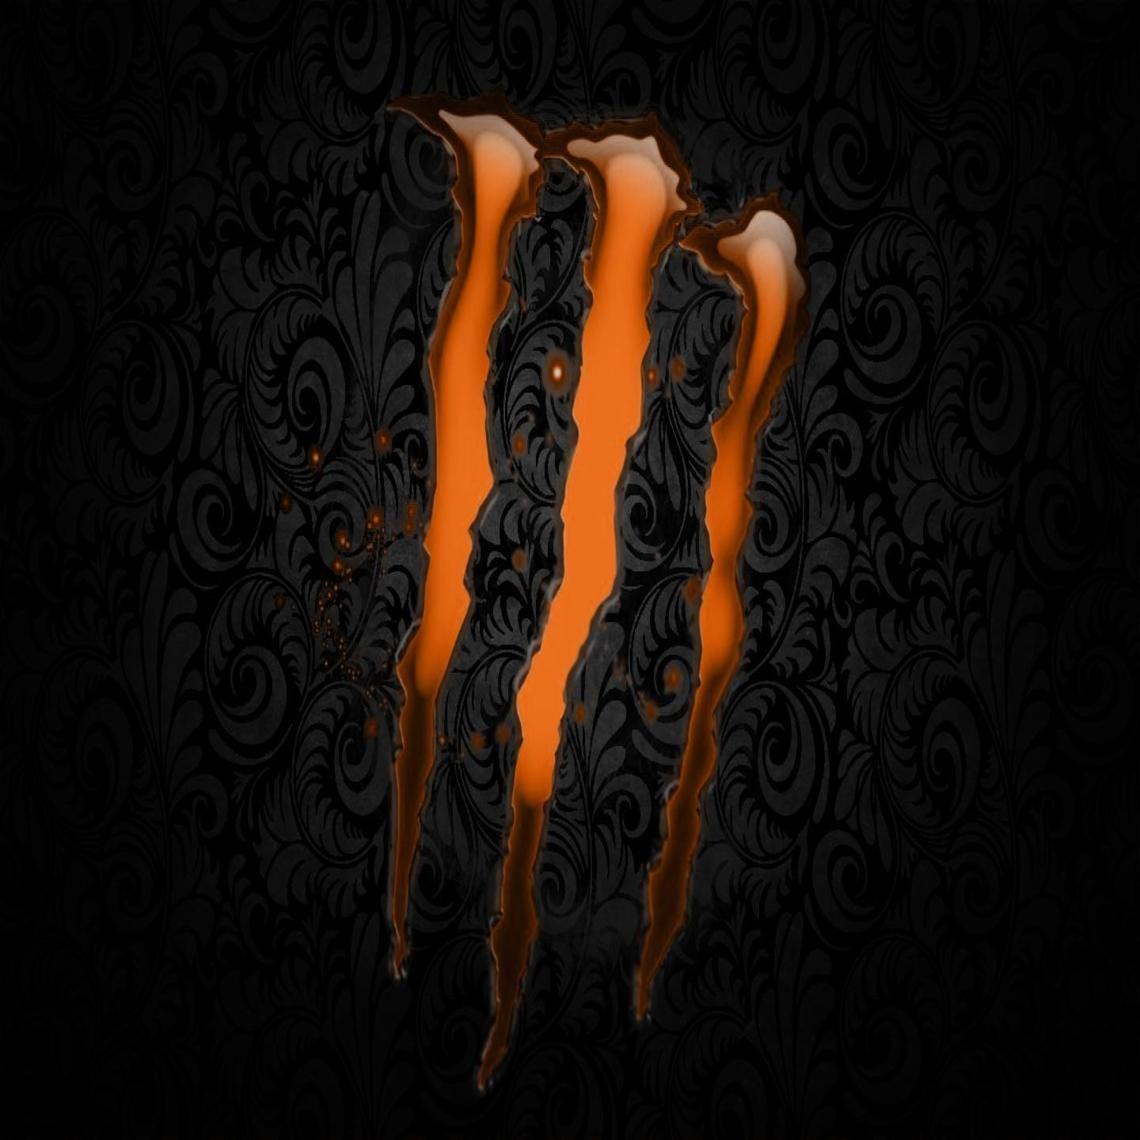 Monster Energy Live Wallpaper 480x800